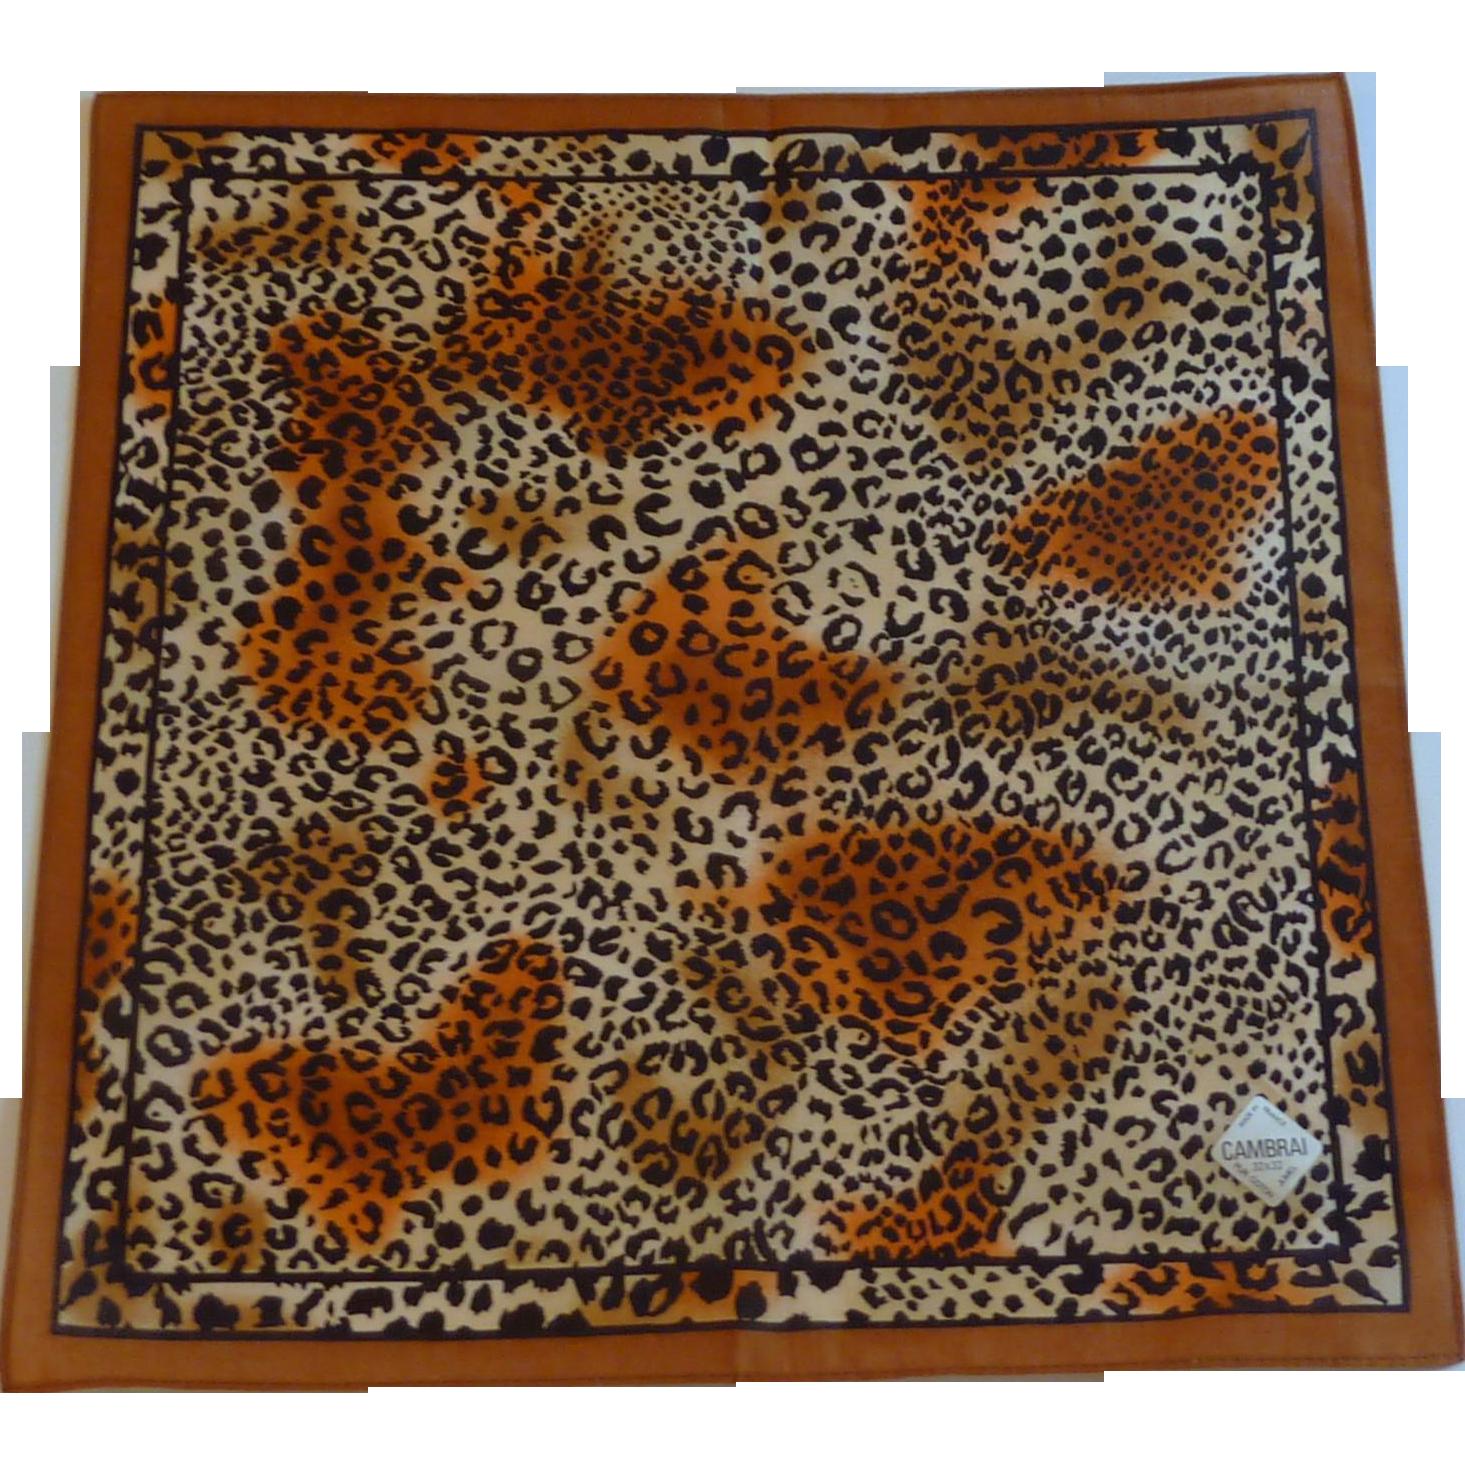 Leopard Brown Black and Orange Hanky Handkerchief